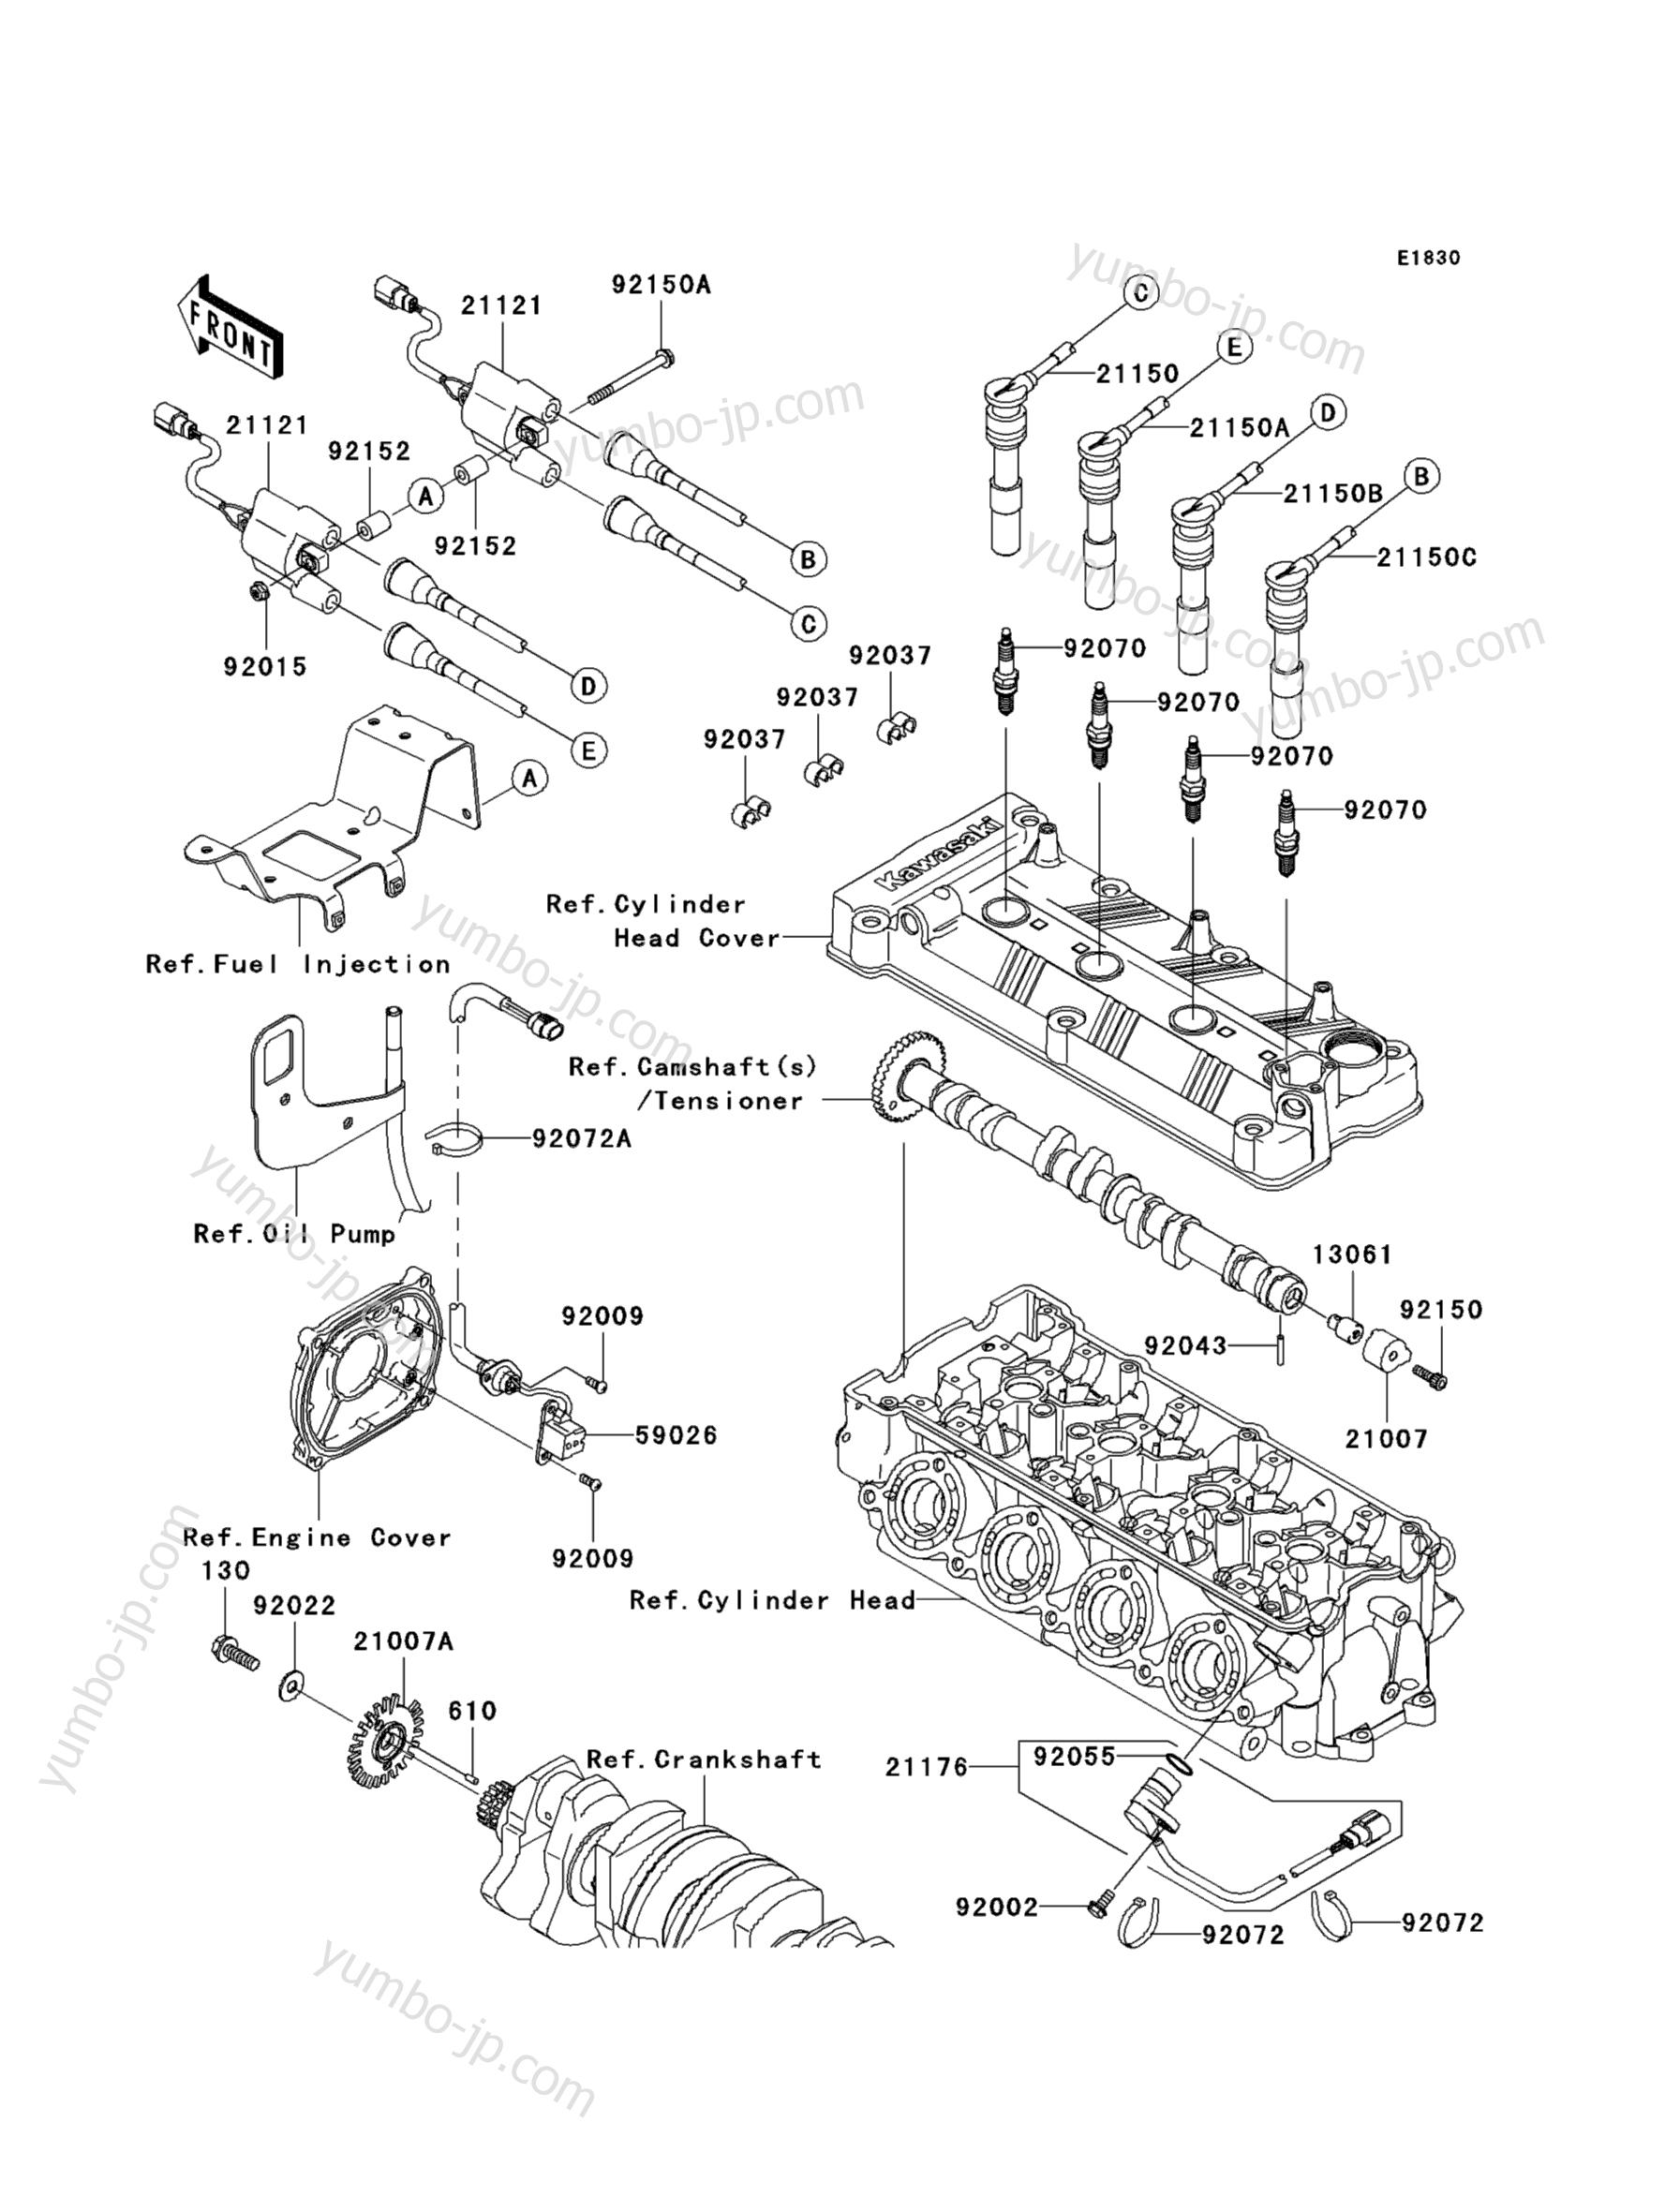 IGNITION SYSTEM для гидроциклов KAWASAKI JET SKI ULTRA 260LX (JT1500F9F) 2009 г.